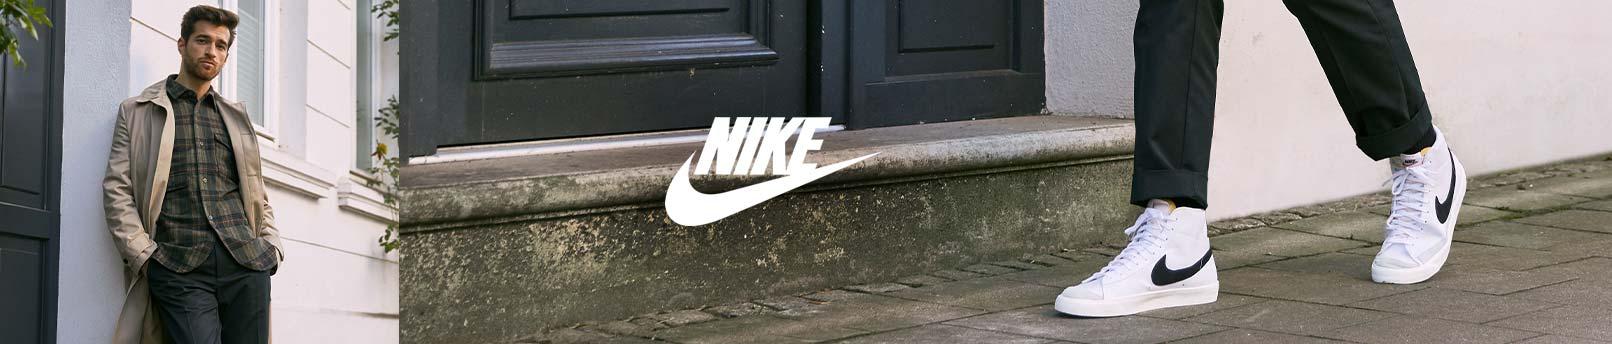 Jetzt Nike Blazer Shoppen